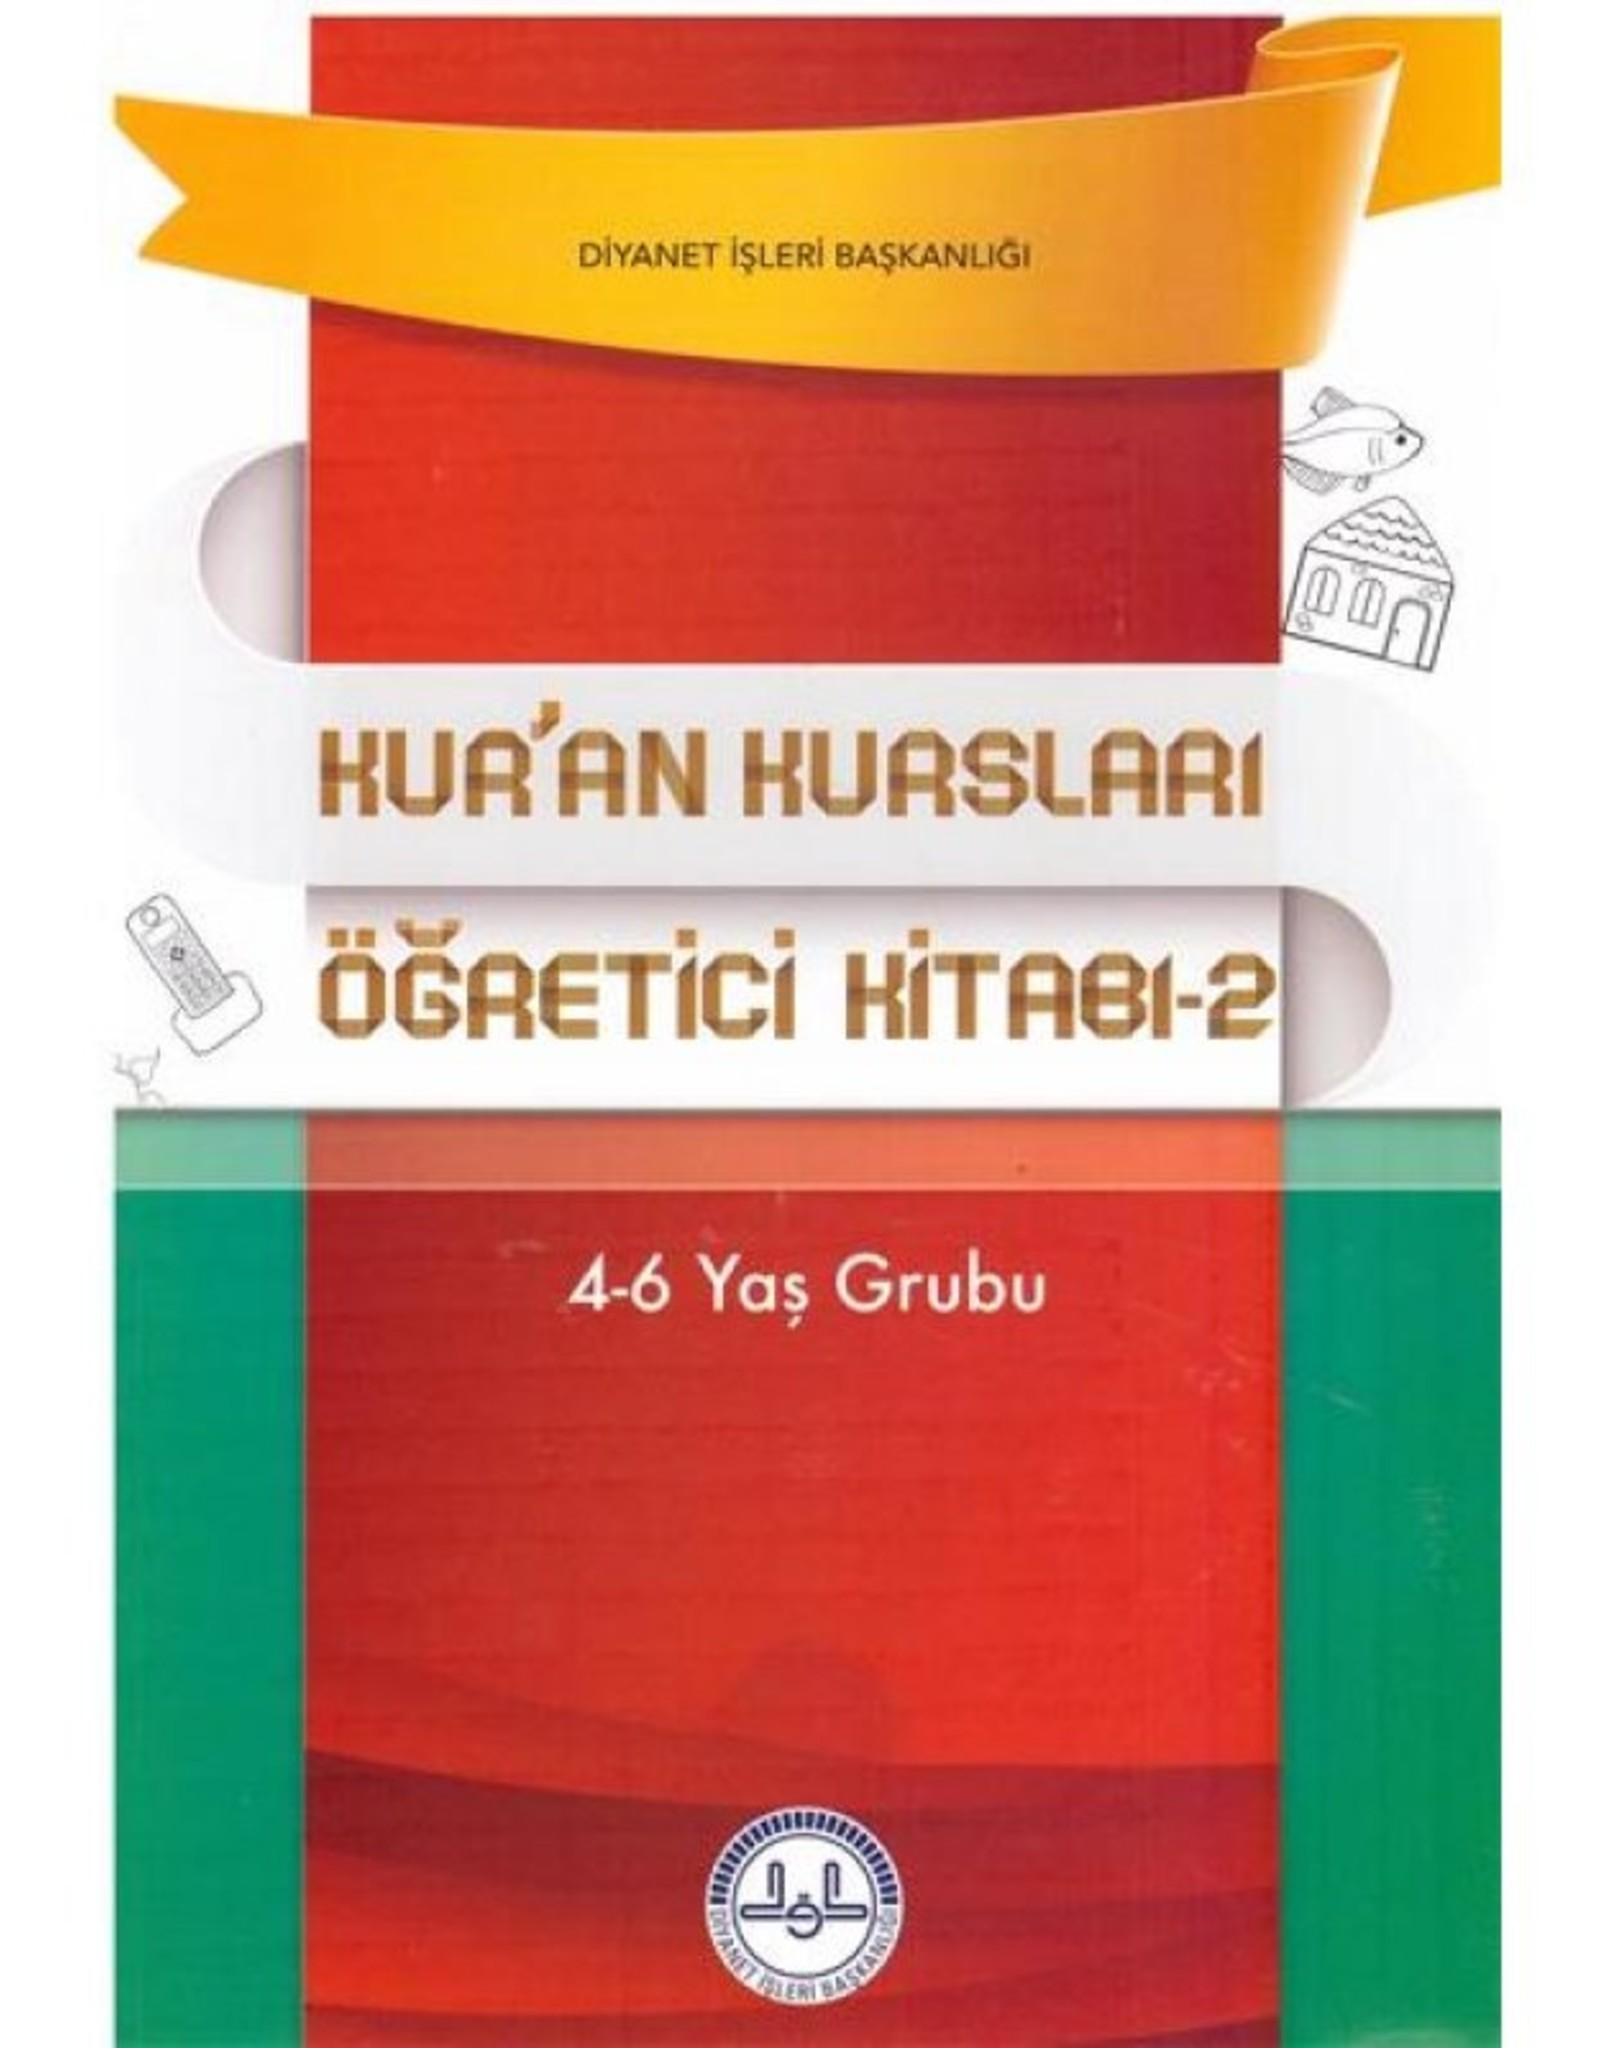 Kur'an Kursları Öğretici Kitabı (1-2) 4-6 Yaş